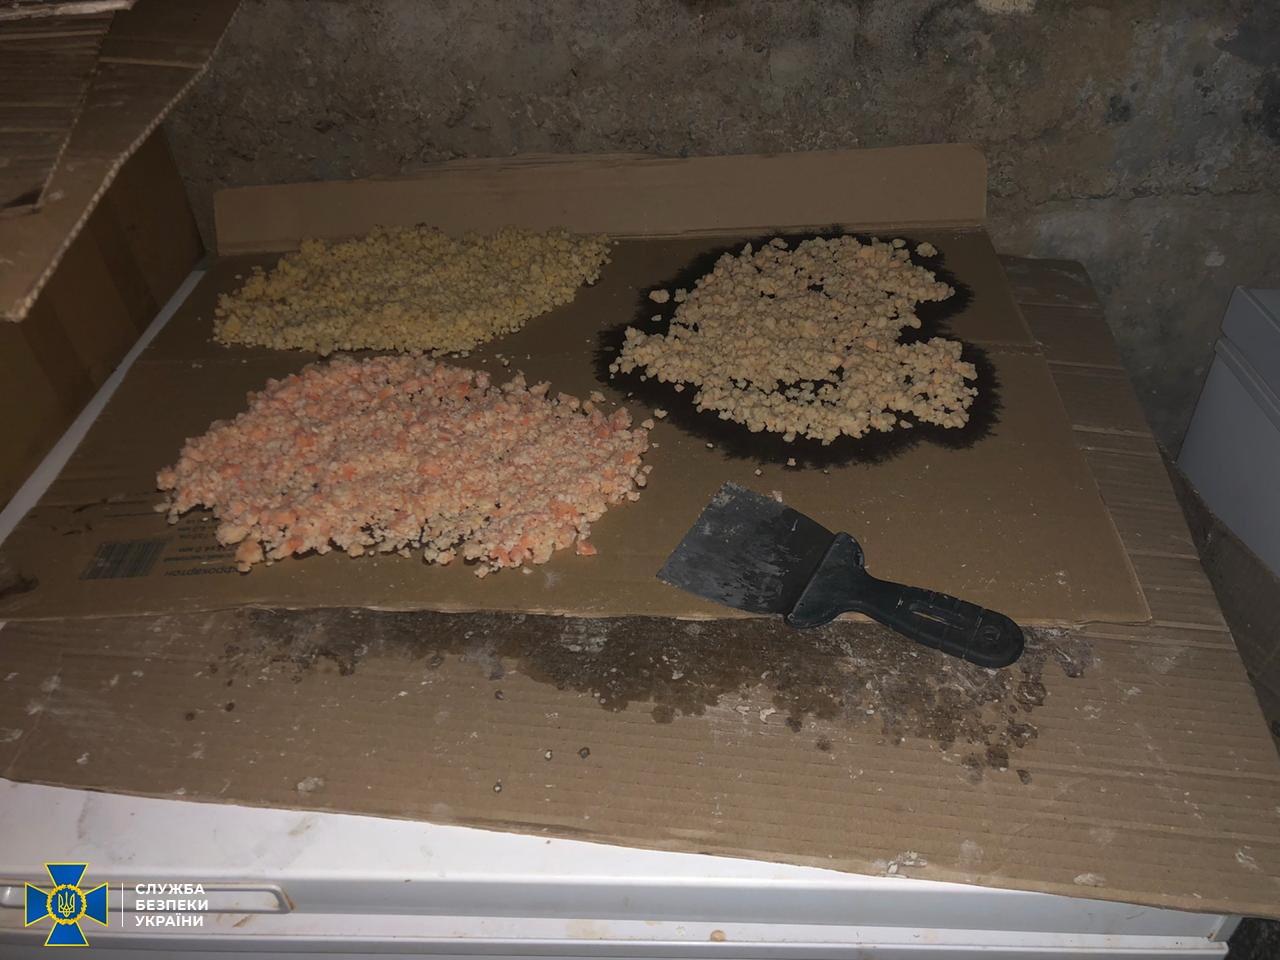 Виявили майже 10 кг метадону: СБУ викрила угруповання наркодилерів